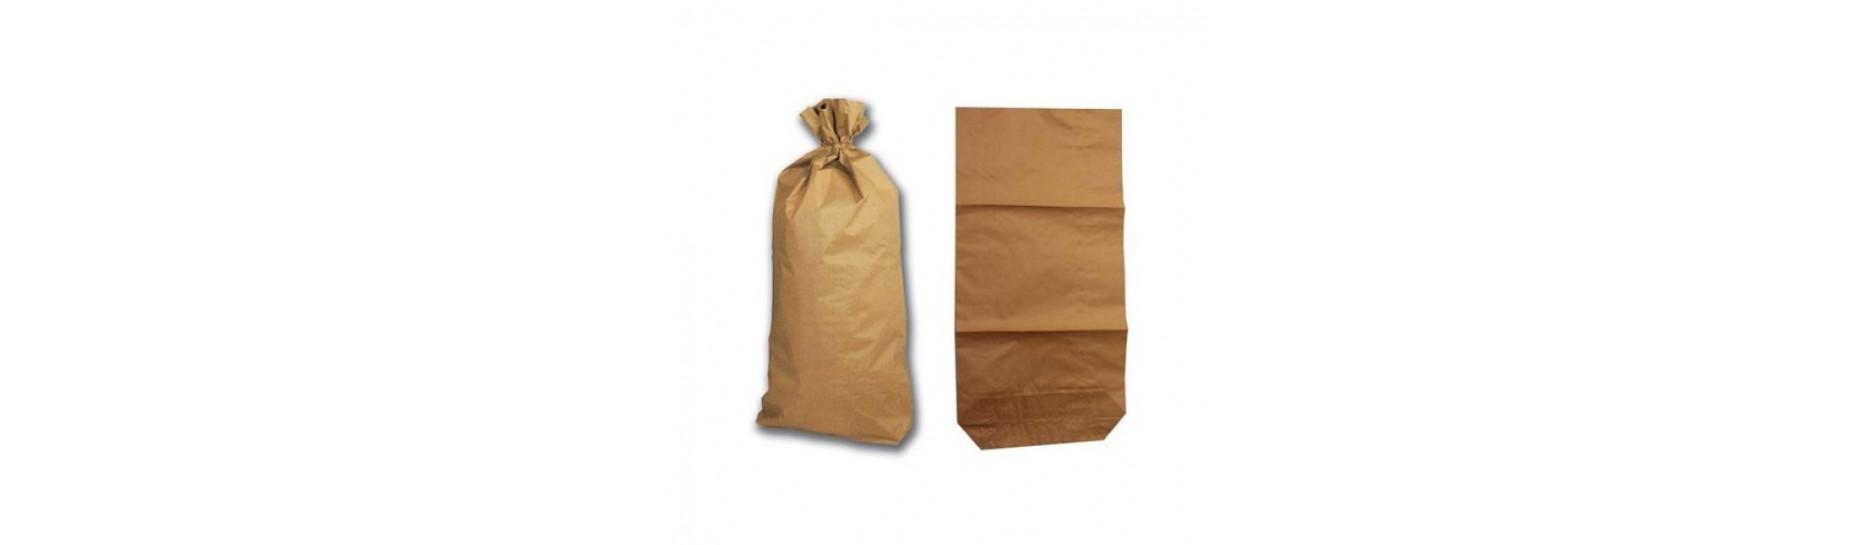 Papírové pytle 3vrstvé hnědé